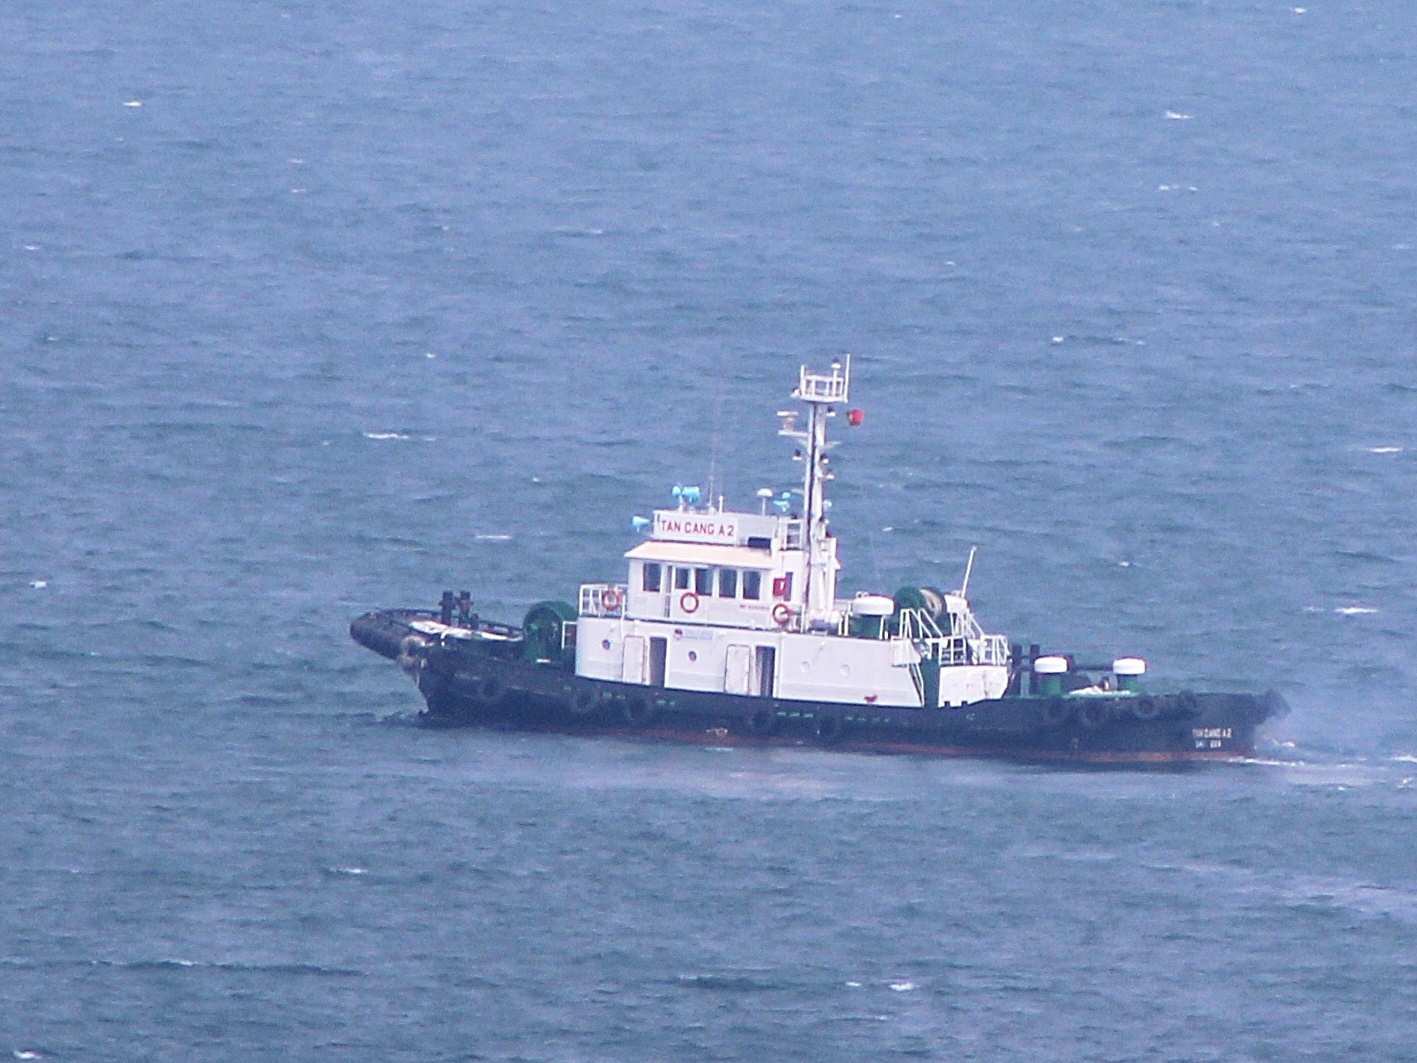 Tàu lai dắt Azimuth hiện đại sẵn sàng đưa tàu Hà Nội vào căn cứ tàu ngầm